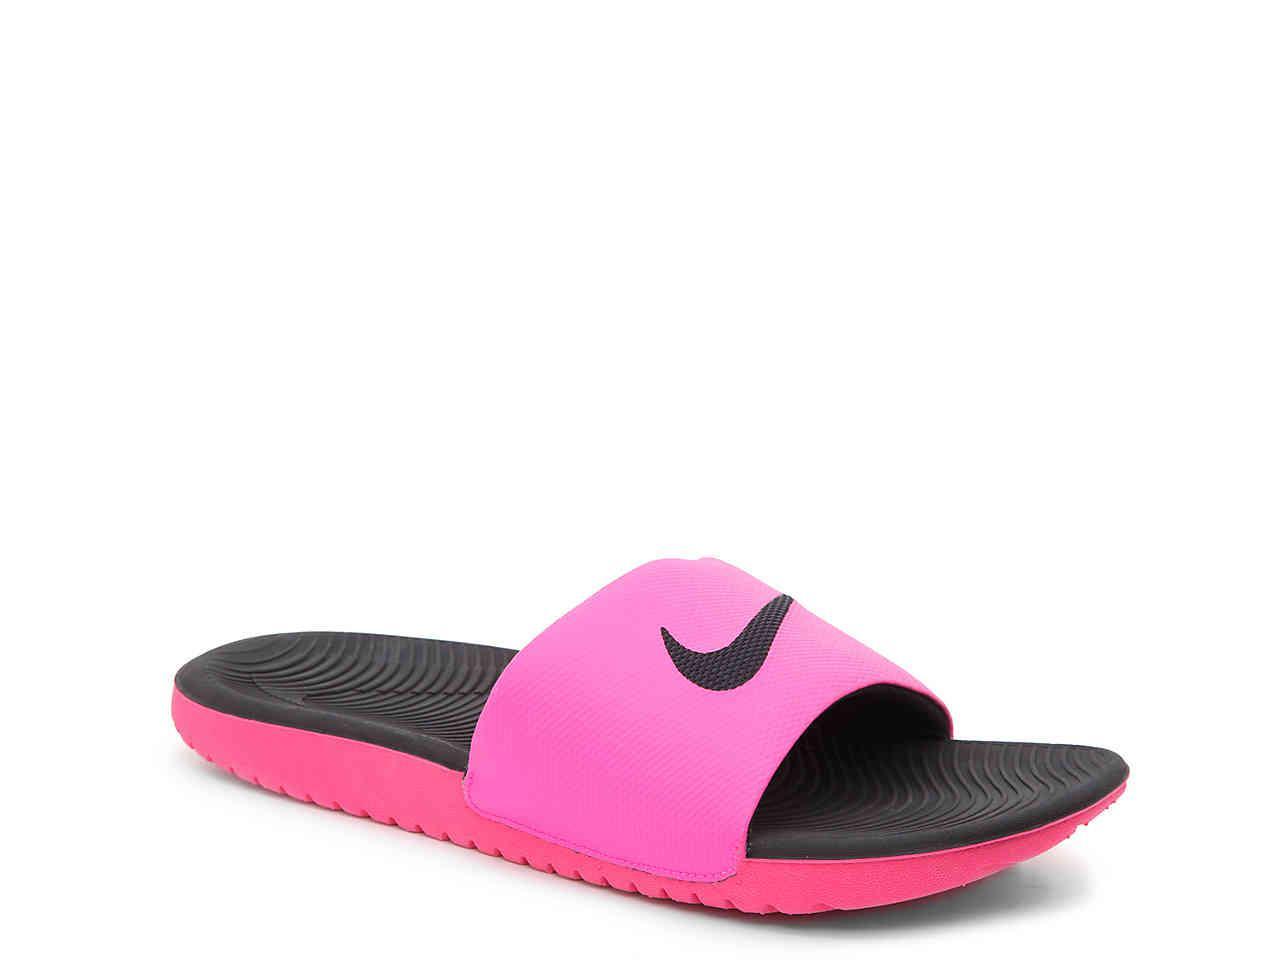 ba79ca287976 Lyst - Nike Kawa Slide Sandal in Pink